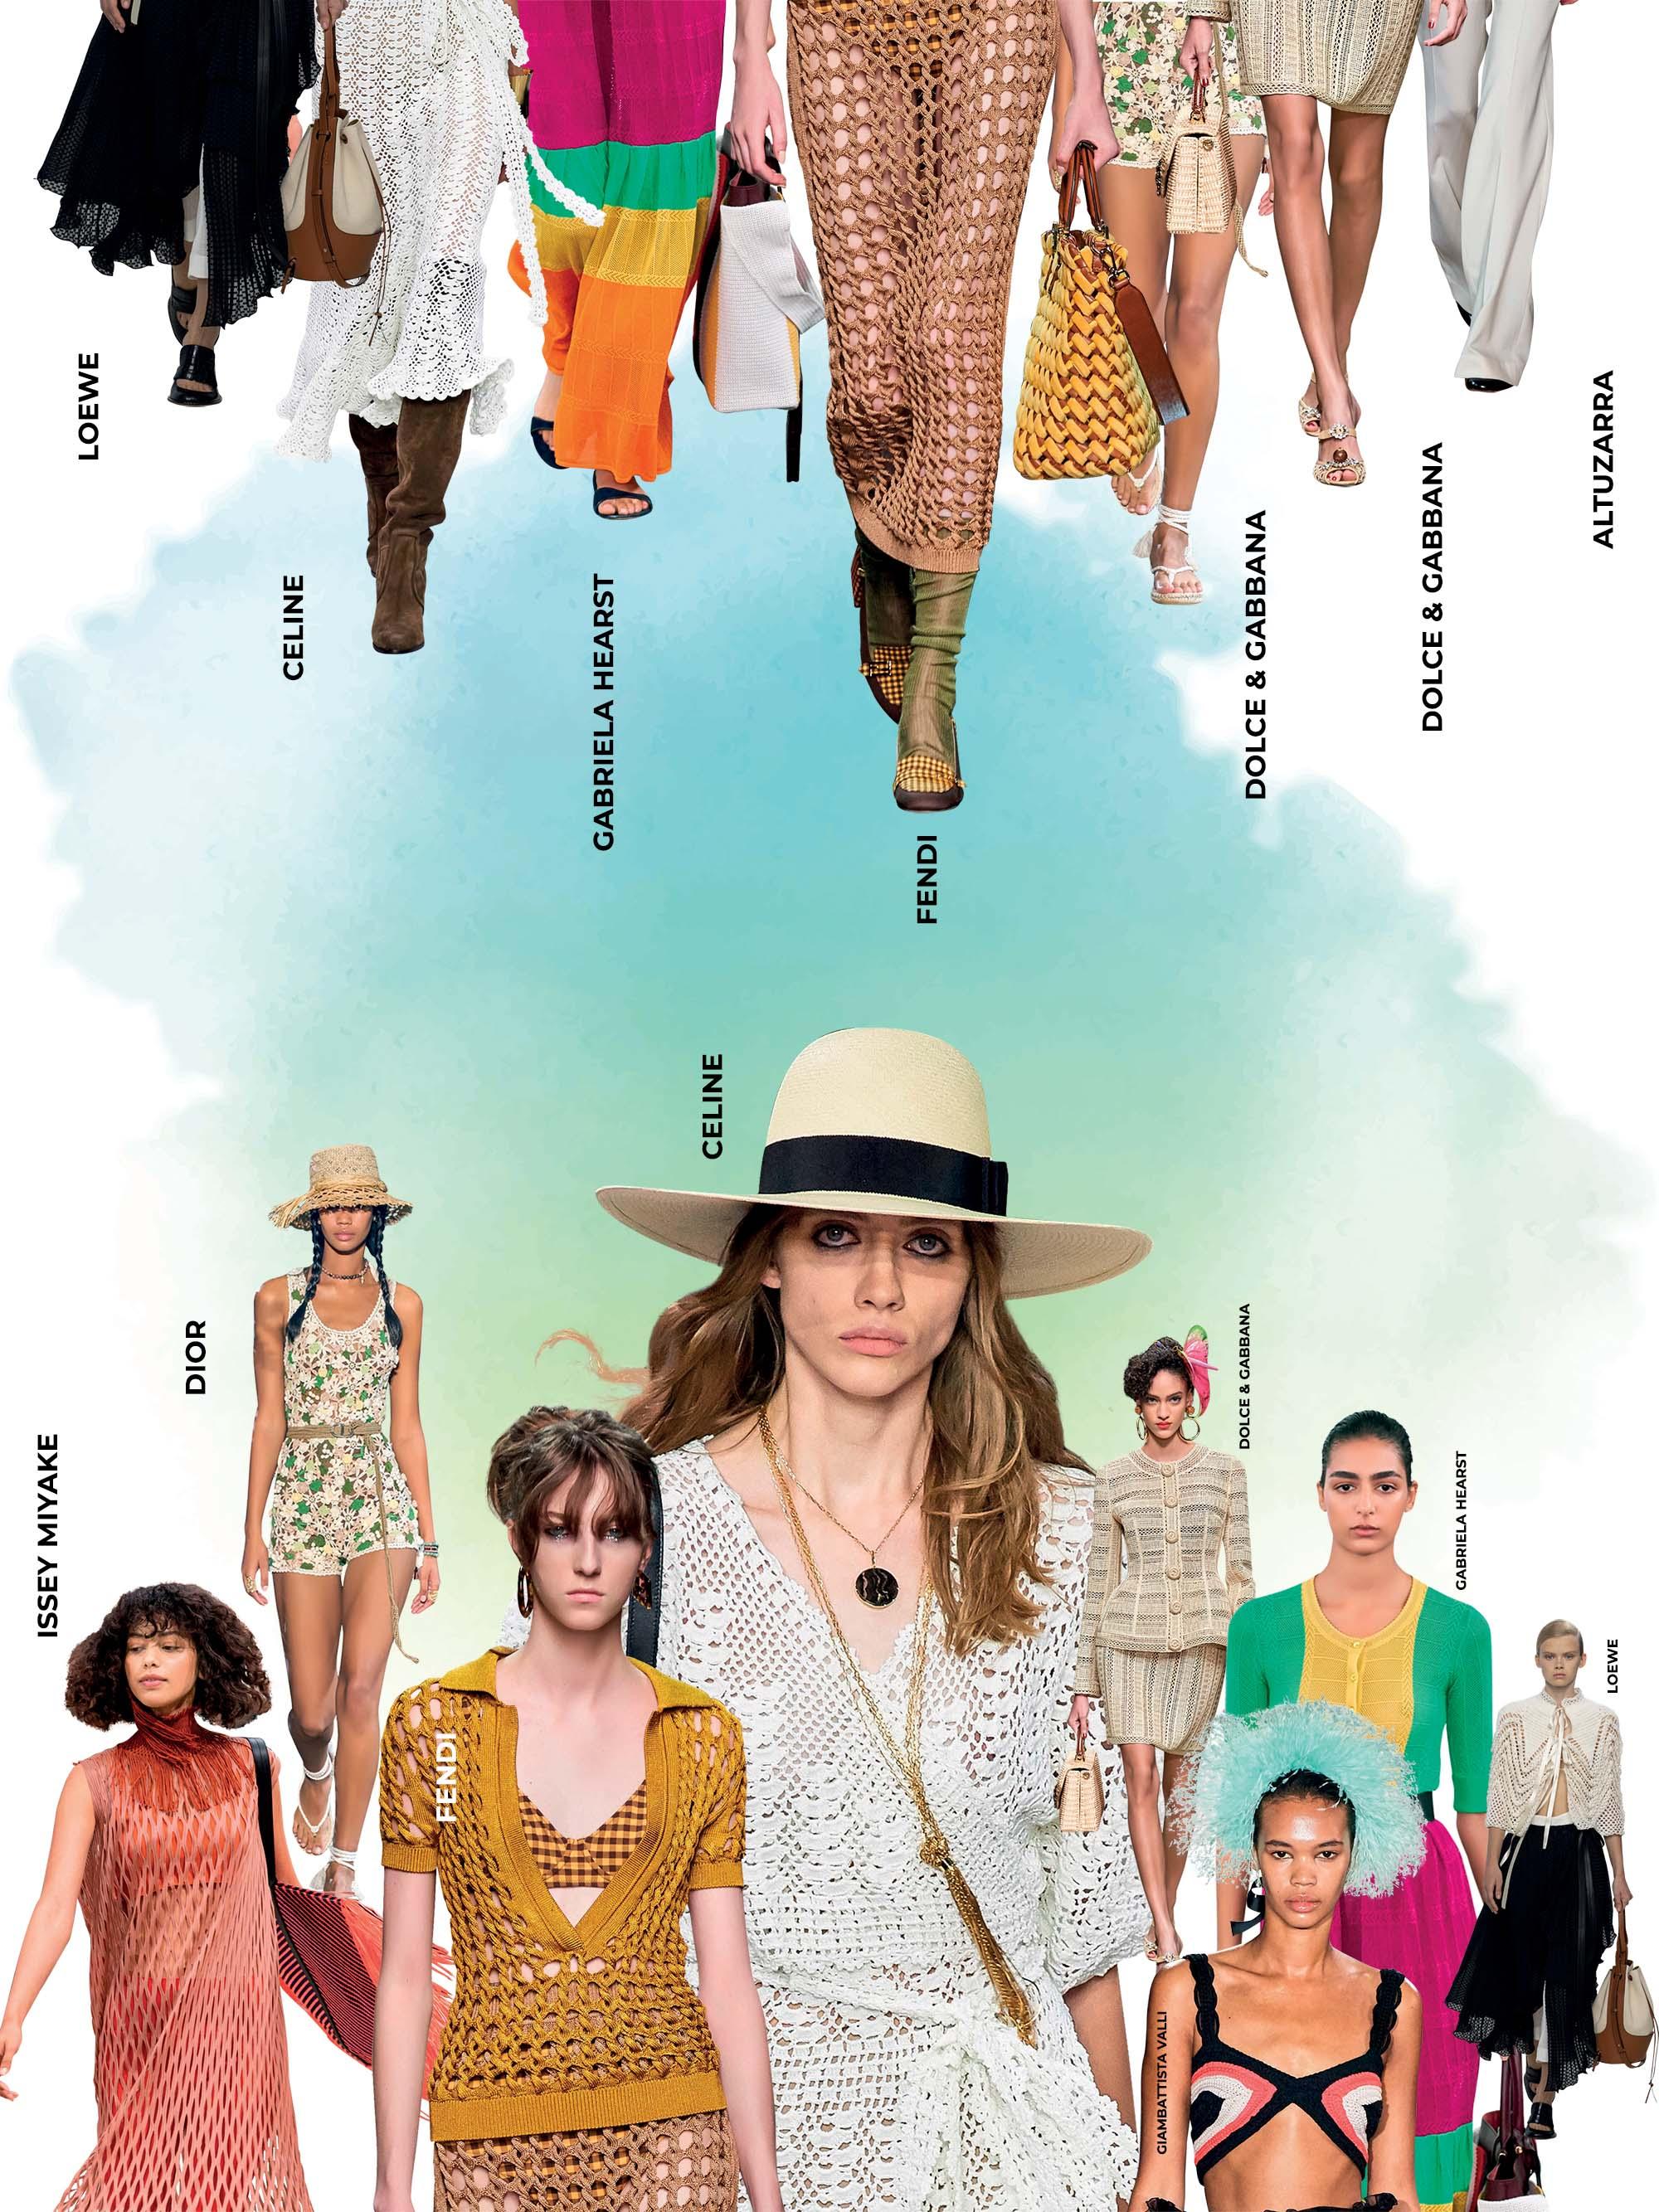 xu hướng thời trang chất liệu đan móc